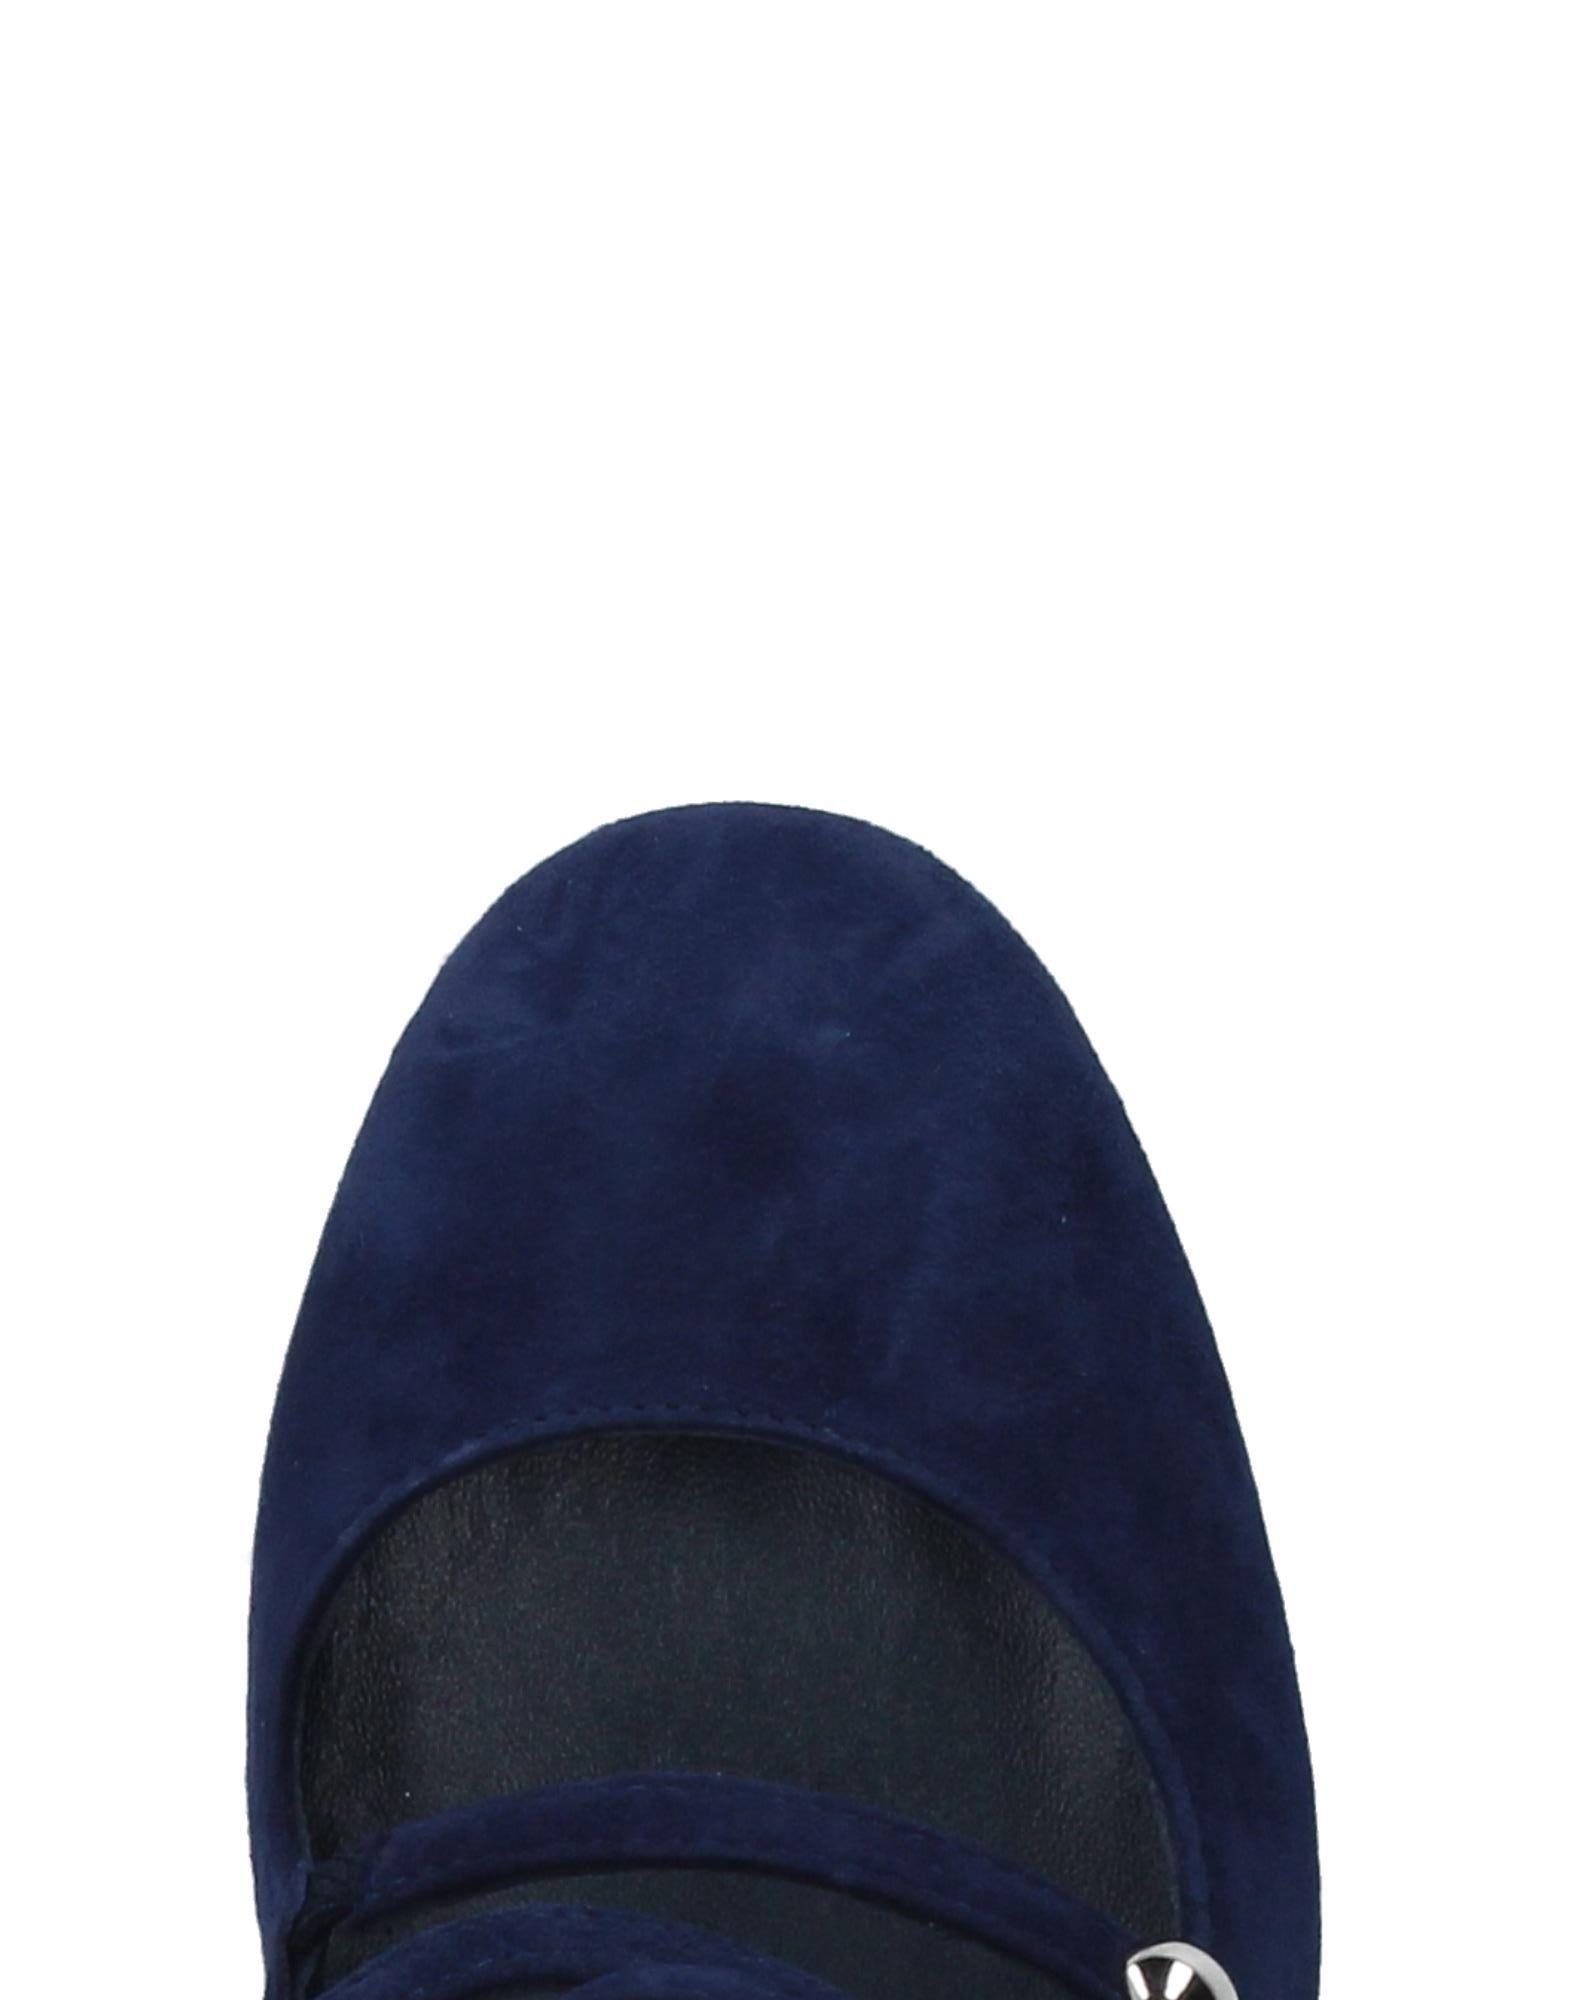 Brawn's Pumps Qualität Damen  11265277UM Gute Qualität Pumps beliebte Schuhe ef2cff